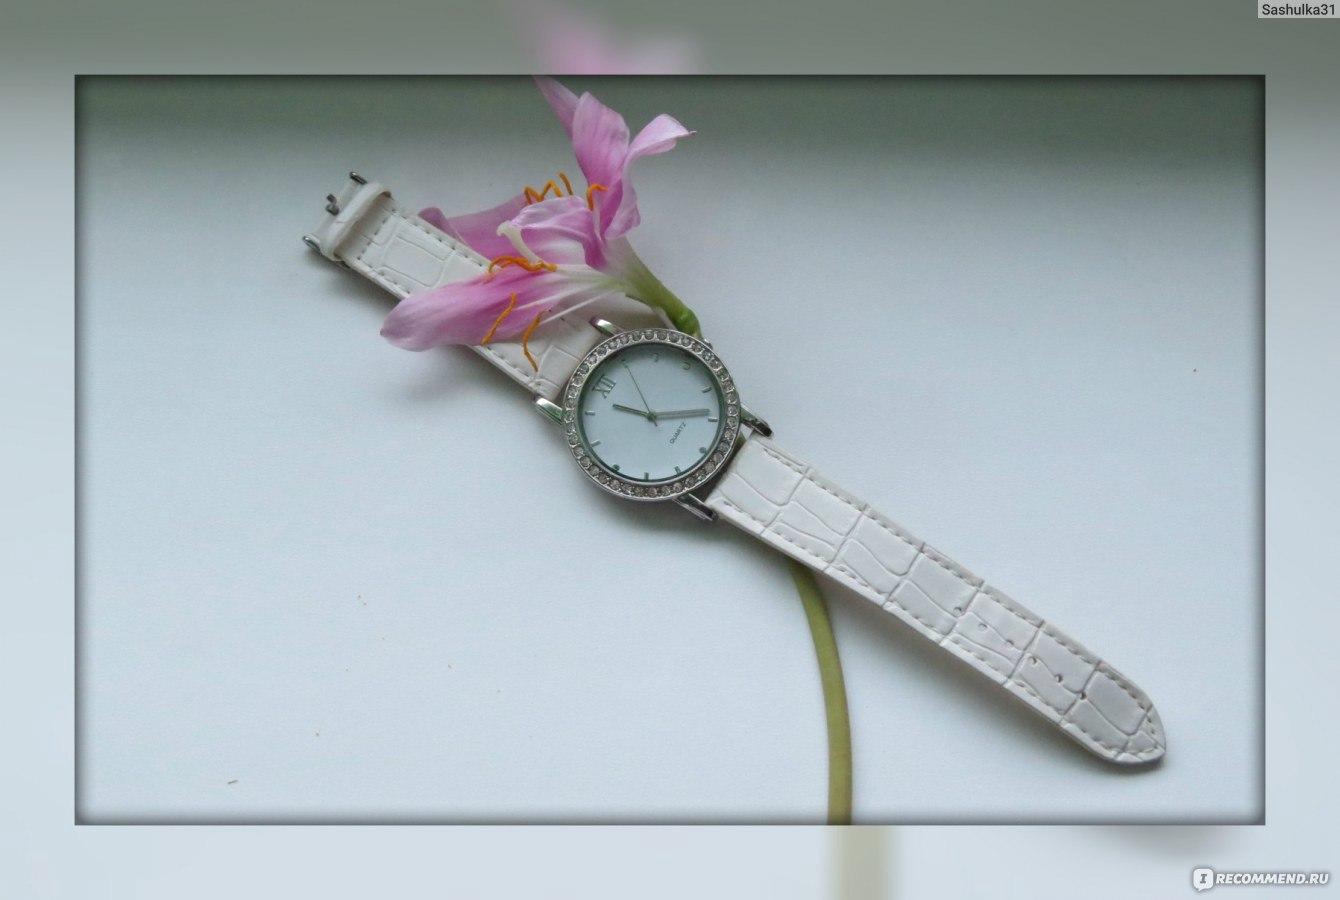 Часы как подарок отзывы 334